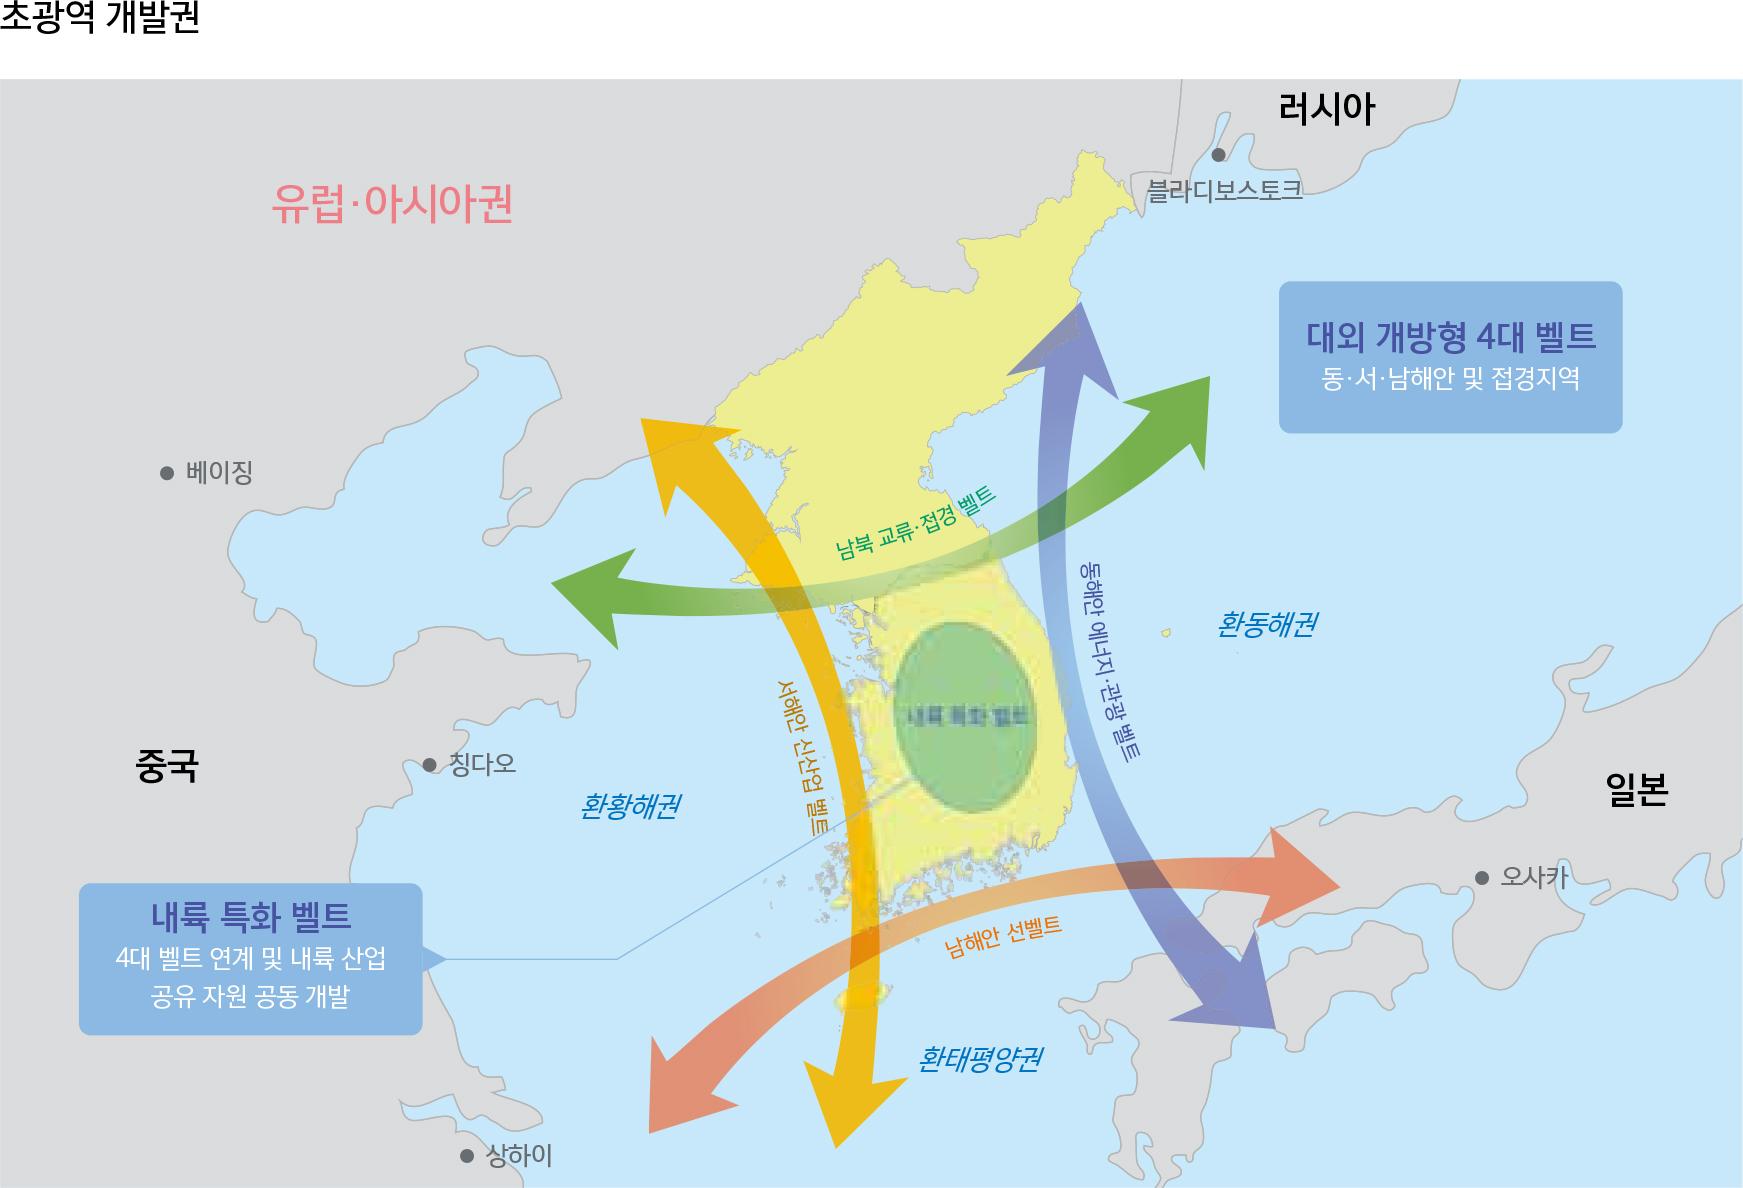 초광역 개발권